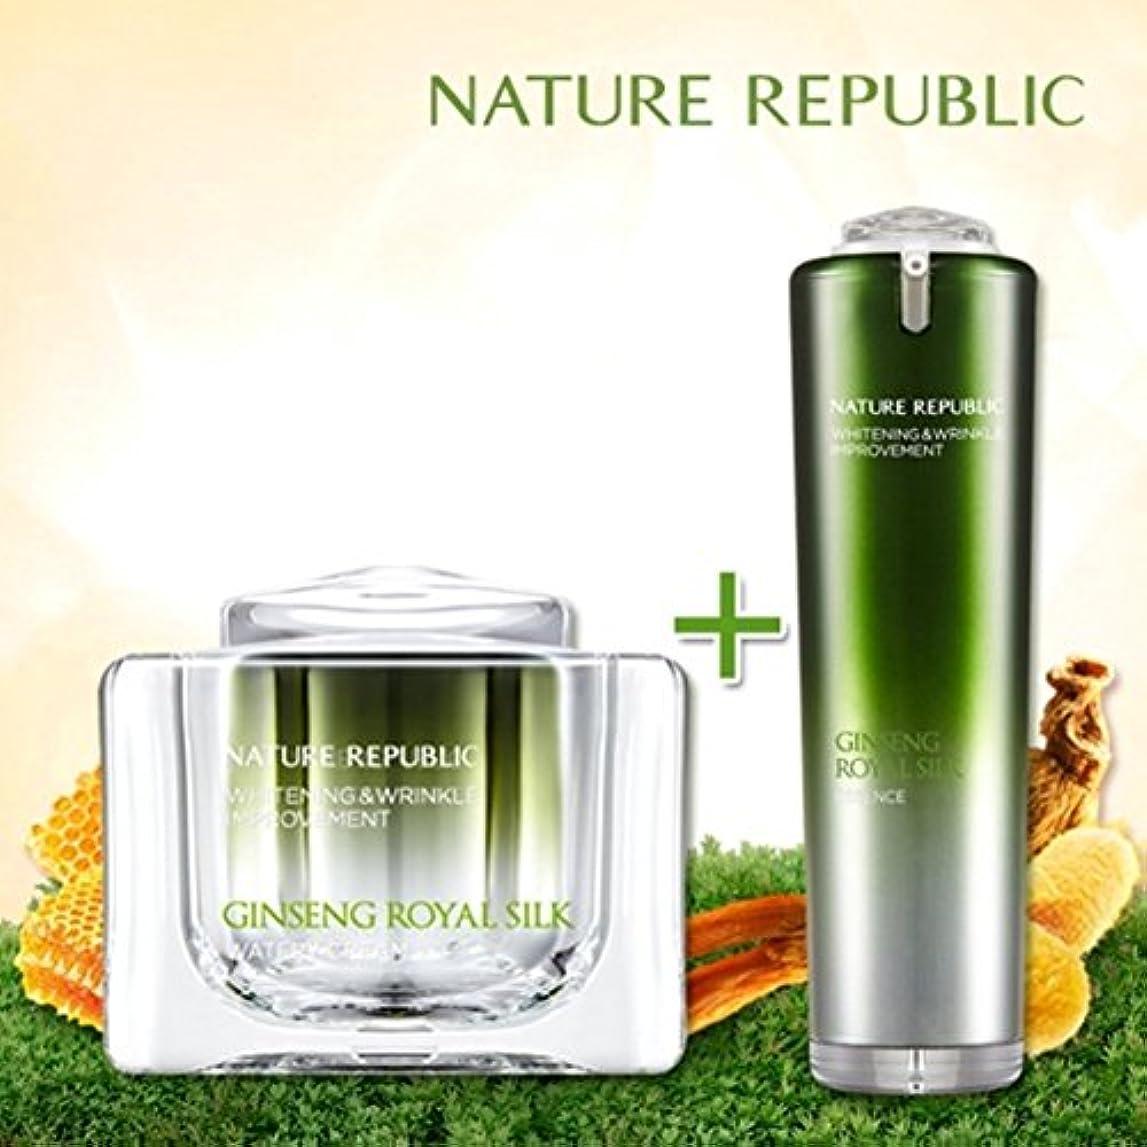 余暇義務的対象NATURE REPUBLIC/高麗人参ロイヤルシルクウォーターリークリーム+エッセンス Nature Republic、Ginseng Royal silk Watery Cream+Essence(海外直送品)